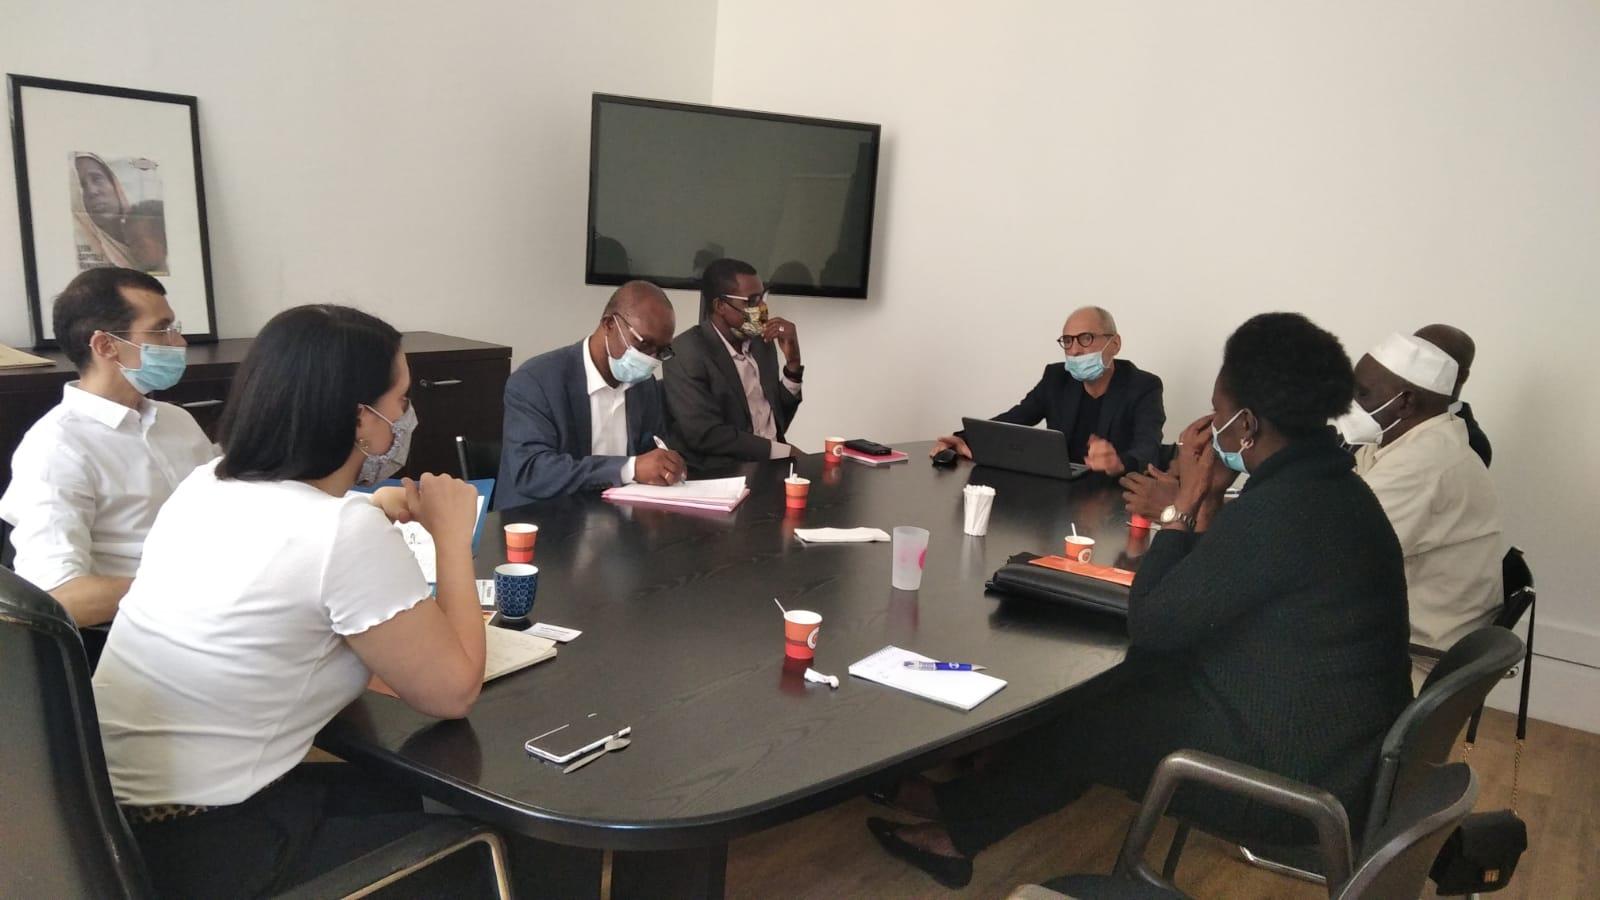 [RENCONTRE] Une délégation d'Africa 50 a rencontré Mme Sonia ZDOROVTZOFF la nouvelle adjointe aux relations internationales de la ville de Lyon Mercredi 2 septembre 2020